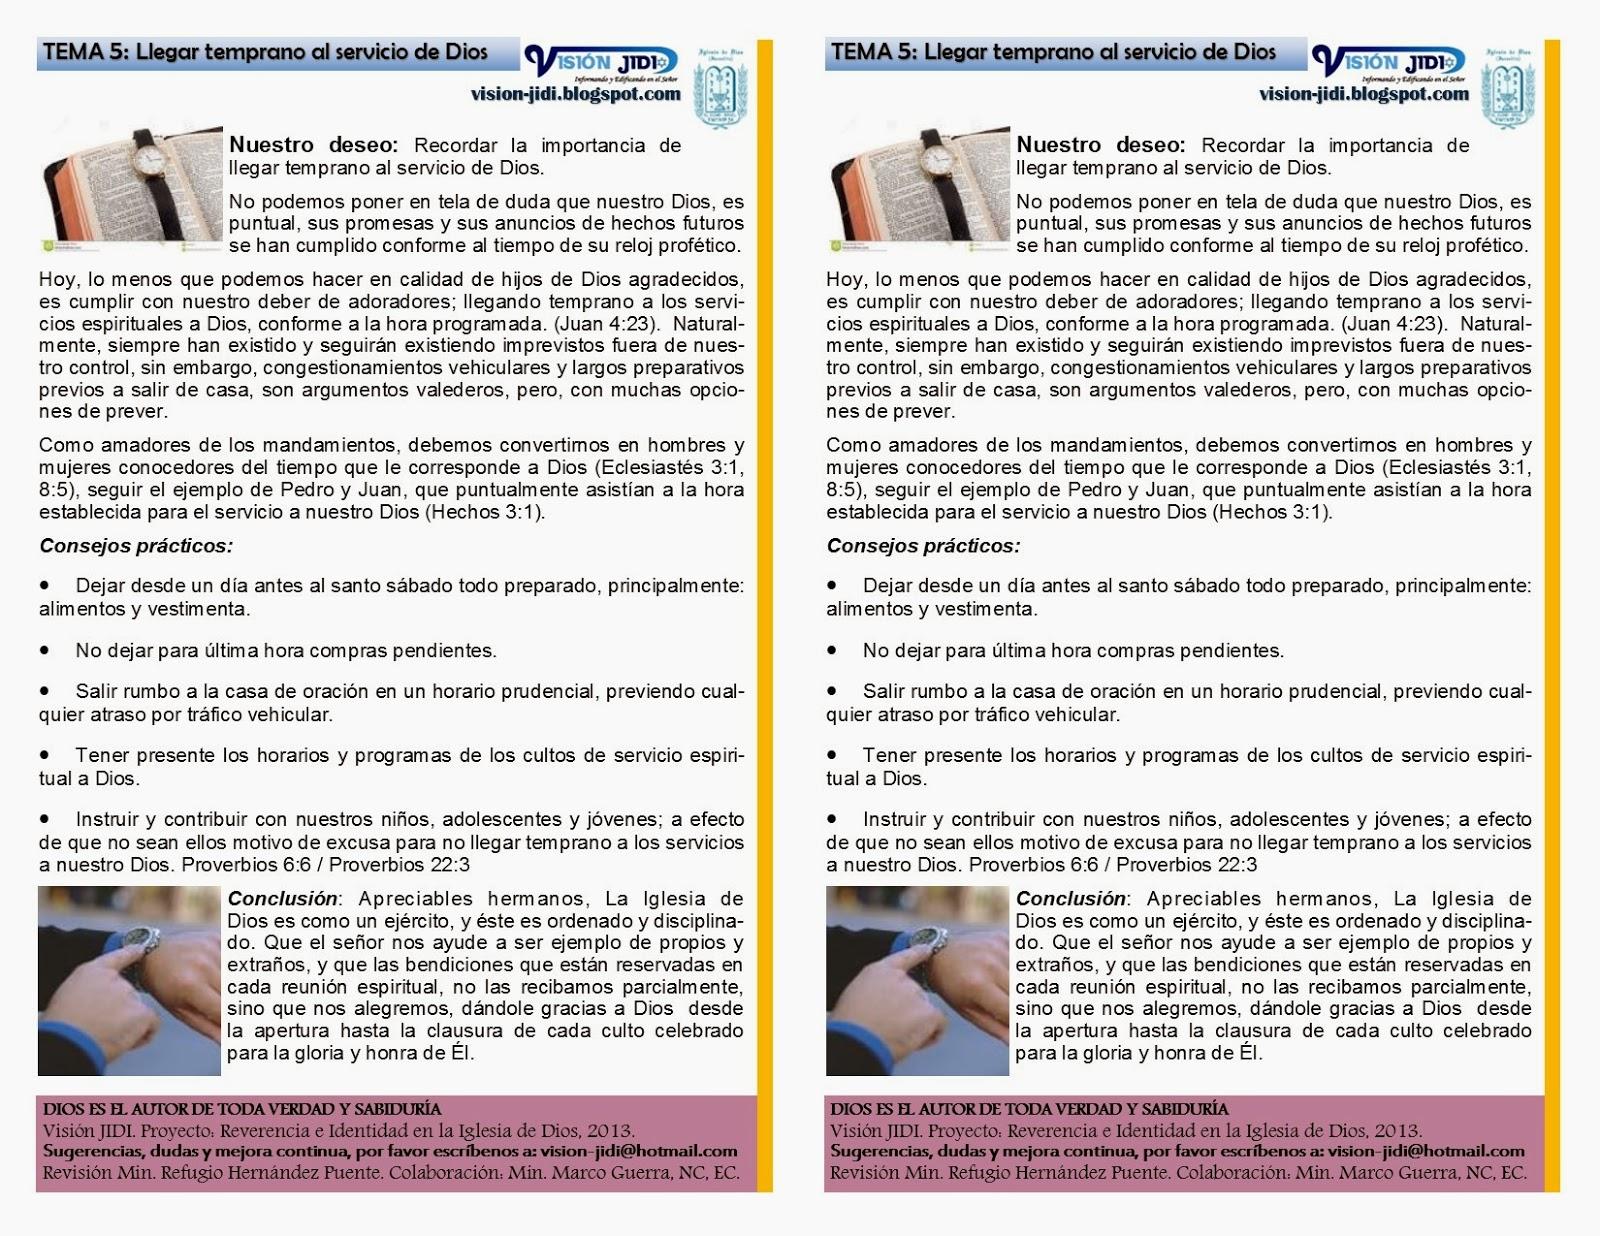 Archivo: REVERENCIA E IDENTIDAD